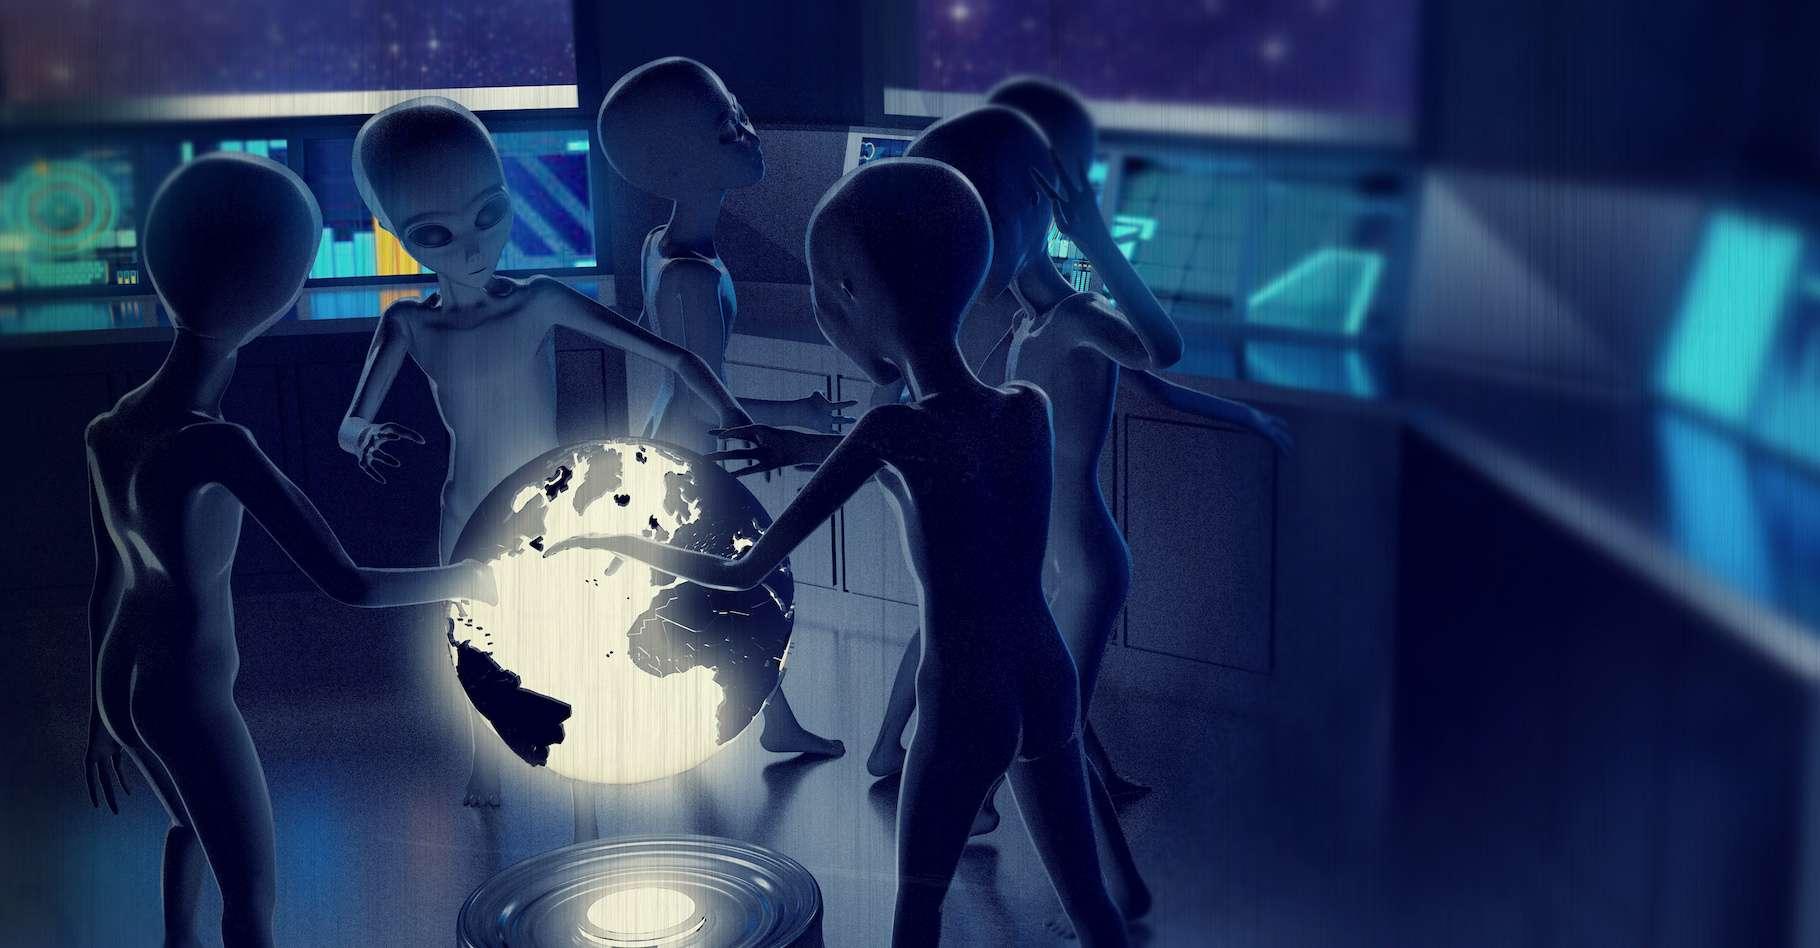 Le projet Seti@home a été lancé en 1999 par l'université de Californie à Berkeley (États-Unis). L'idée : utiliser la puissance d'ordinateurs personnels pour chercher des signes de vie extraterrestre. © aleciccotelli, Adobe Stock